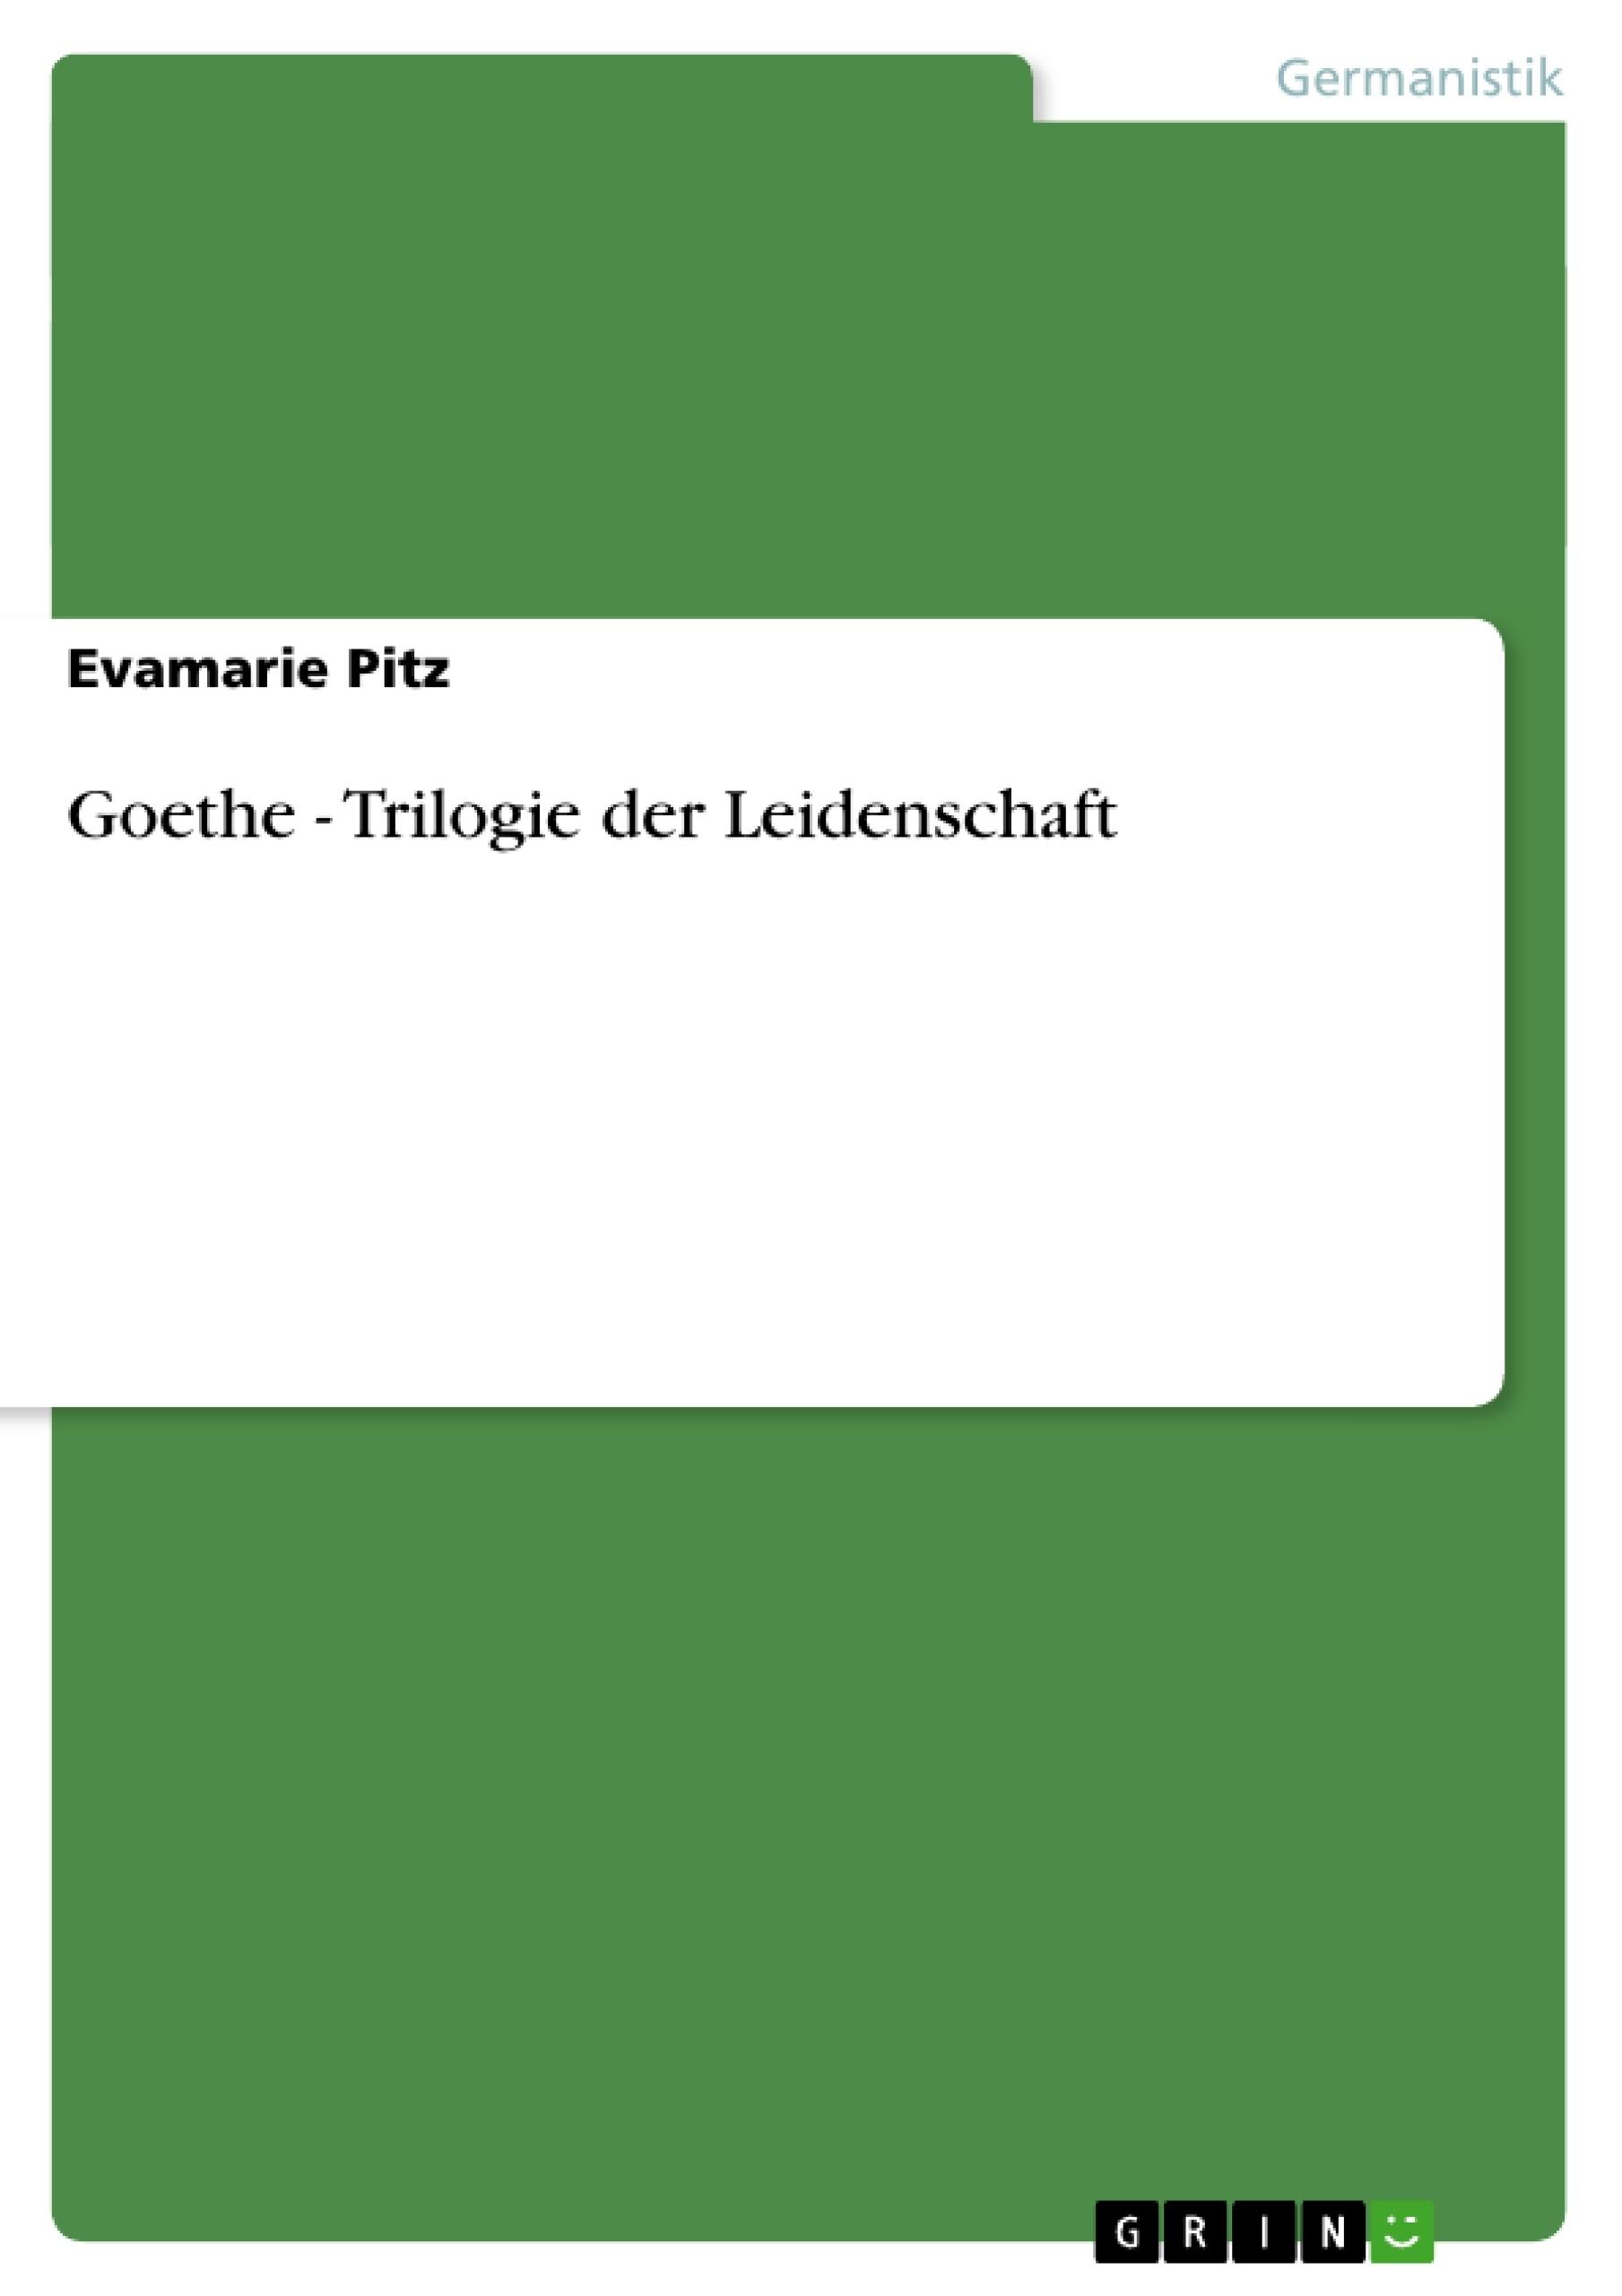 Titel: Goethe - Trilogie der Leidenschaft